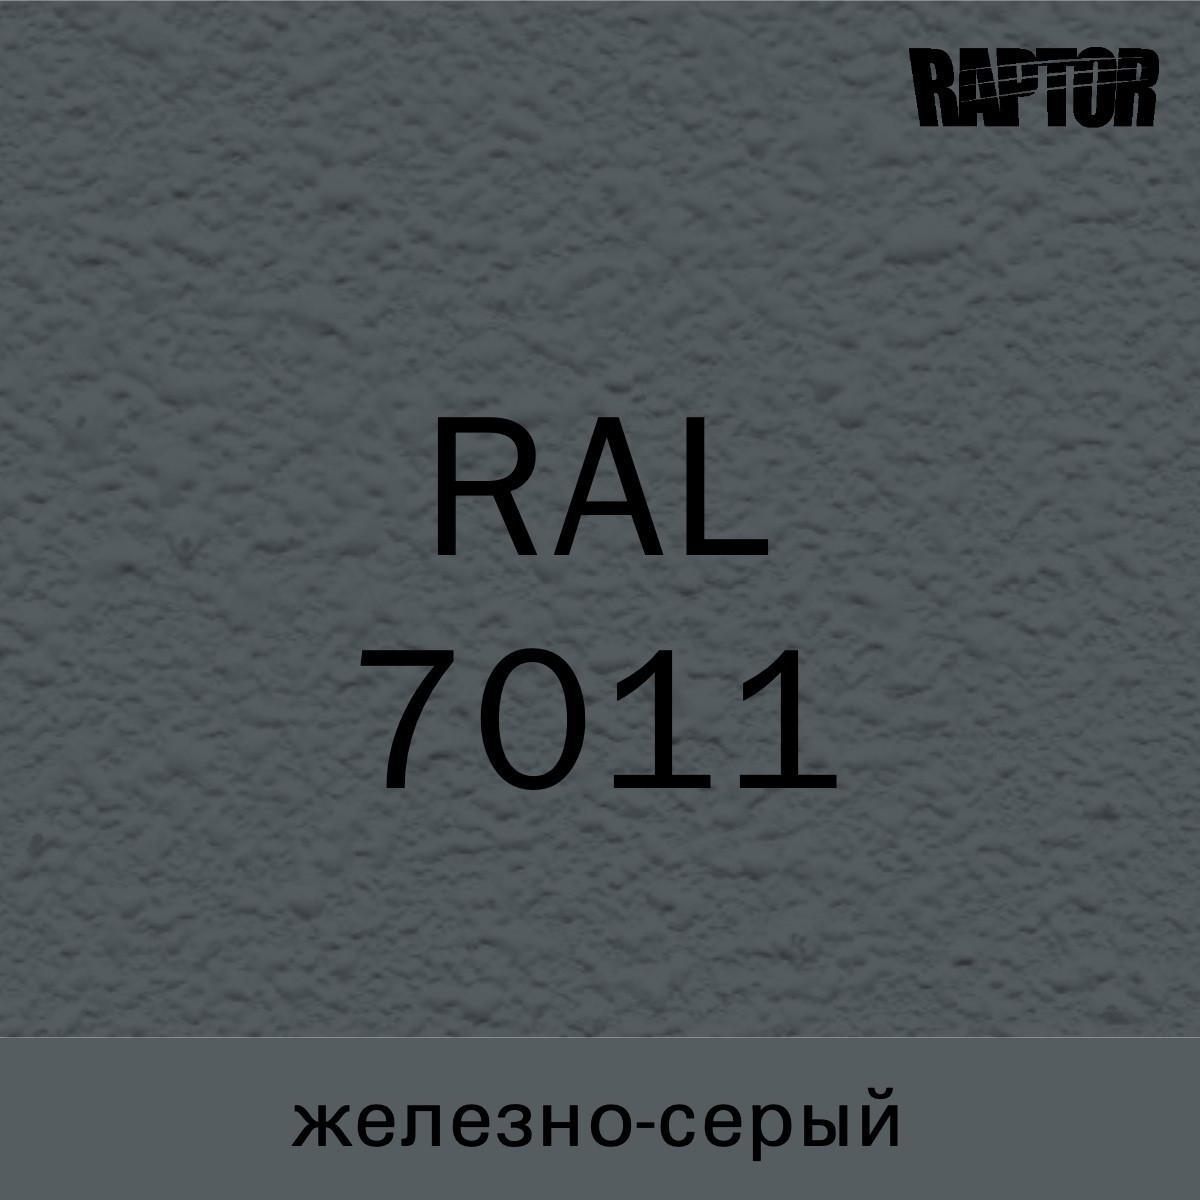 Пигмент для колеровки покрытия RAPTOR™ Железно-серый (RAL 7011)